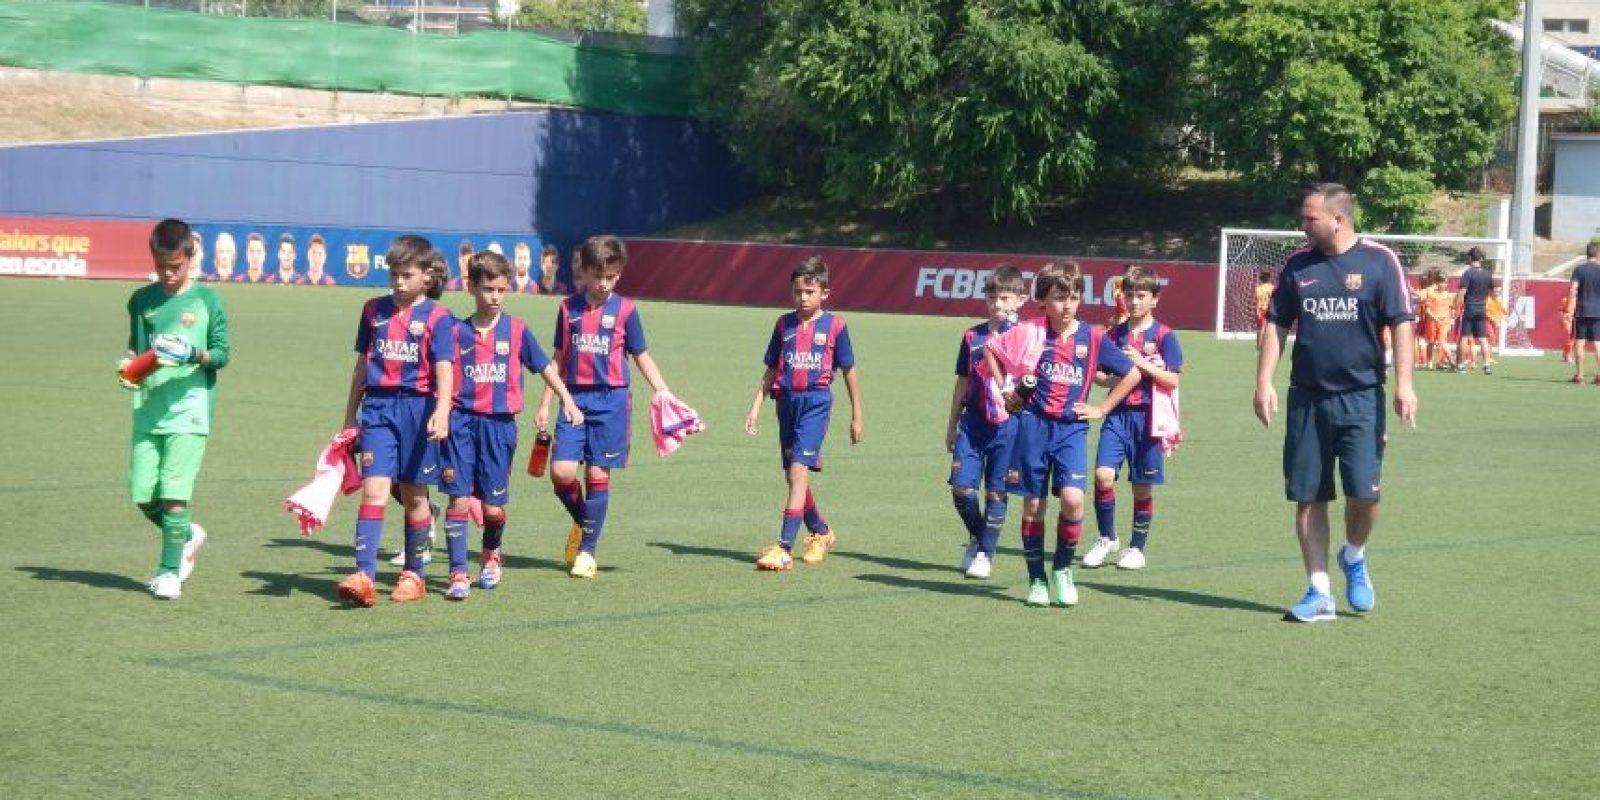 Foto:Cortesía FC Escola Camp Barcelona